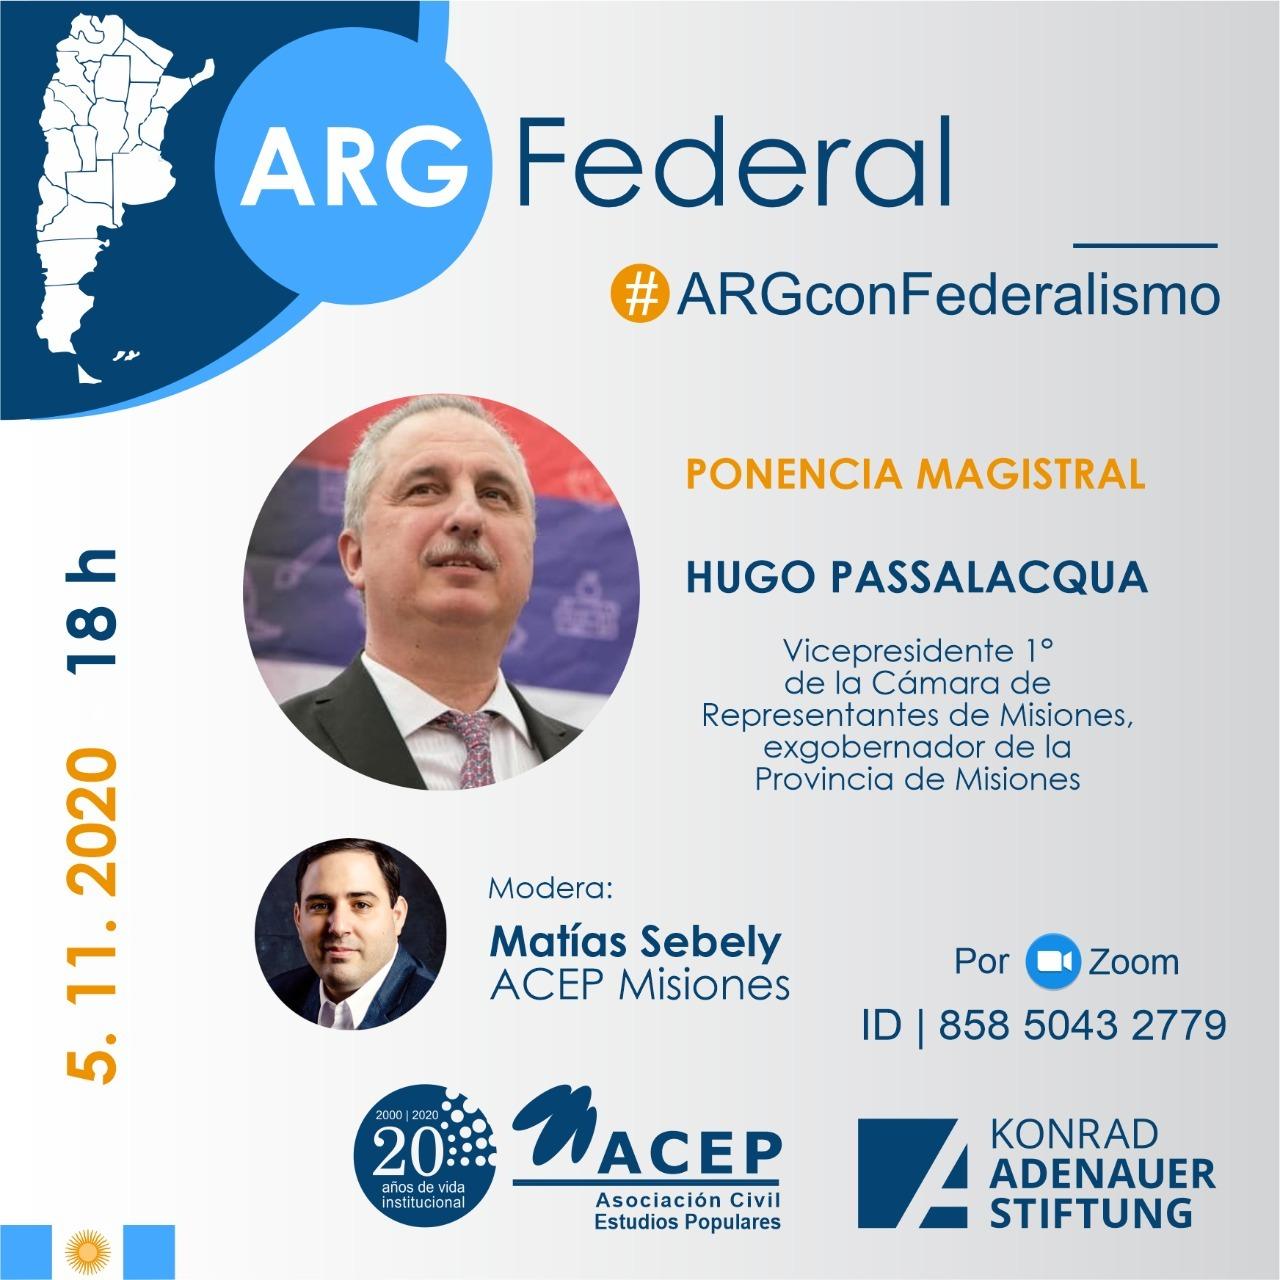 Passalacqua junto a ACEP Misiones cerrará el ciclo de charlas Argentina Federal